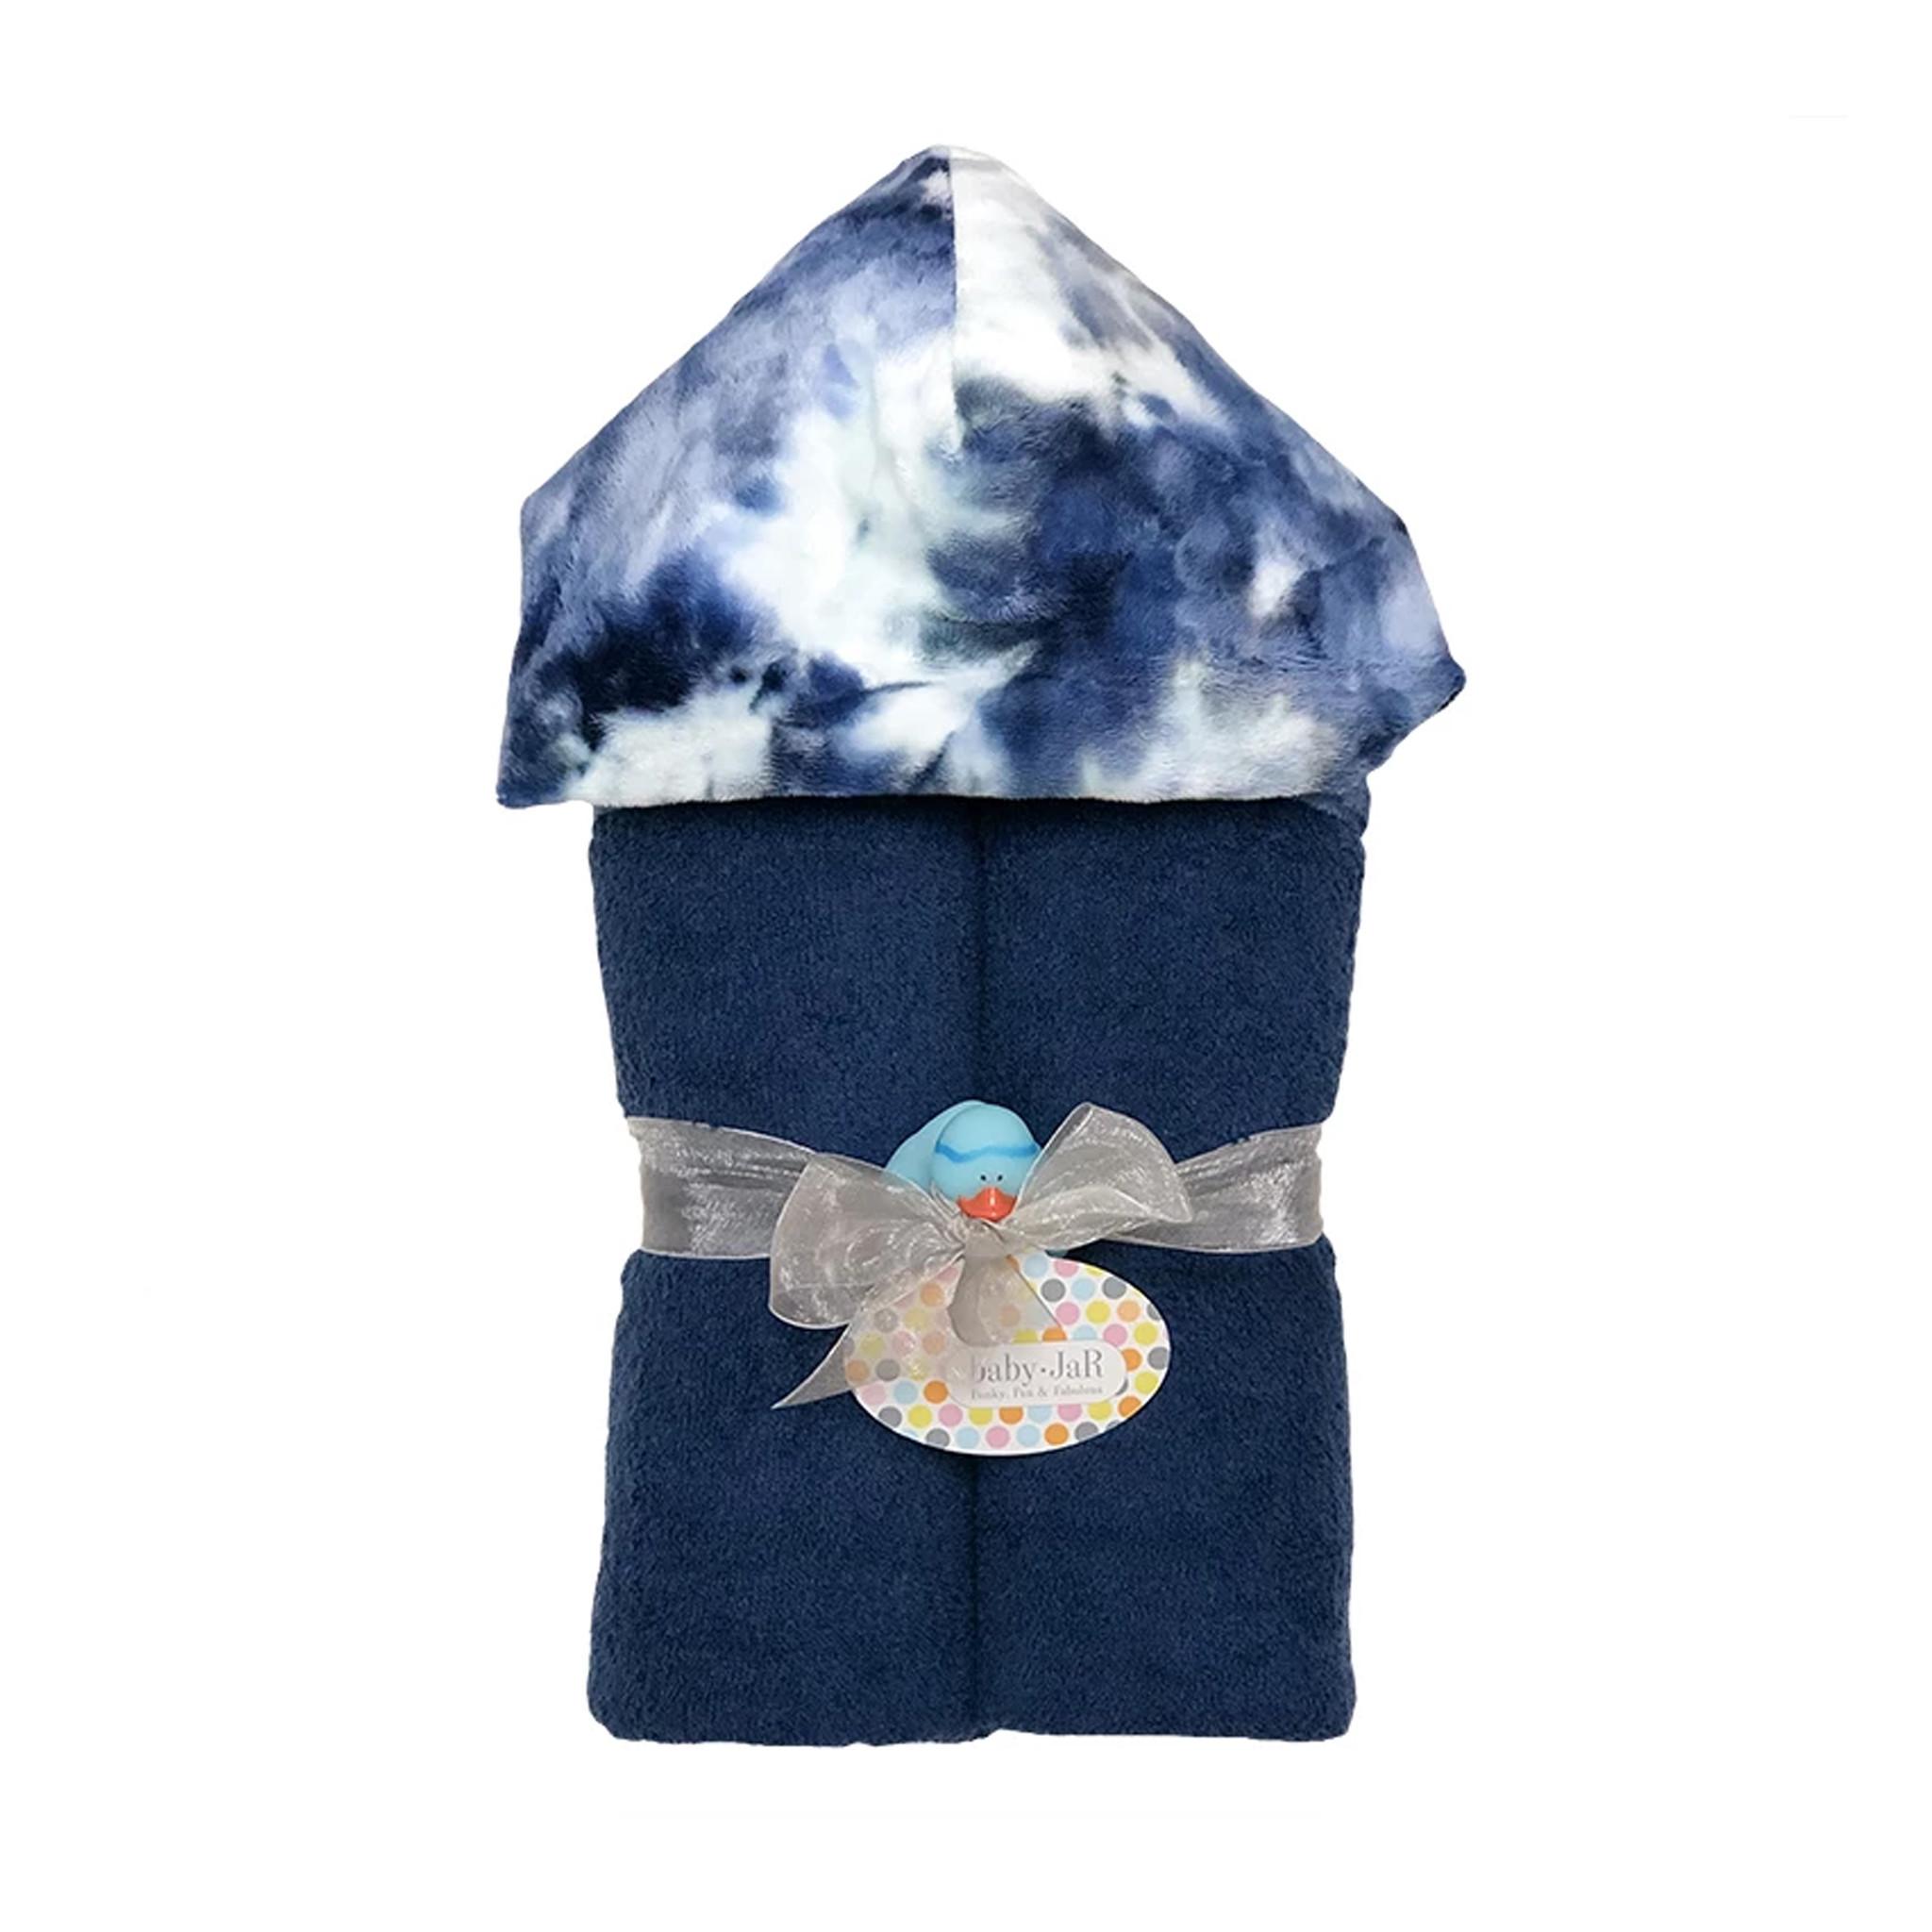 Baby Jar Navy Tie Dye Hooded Towel